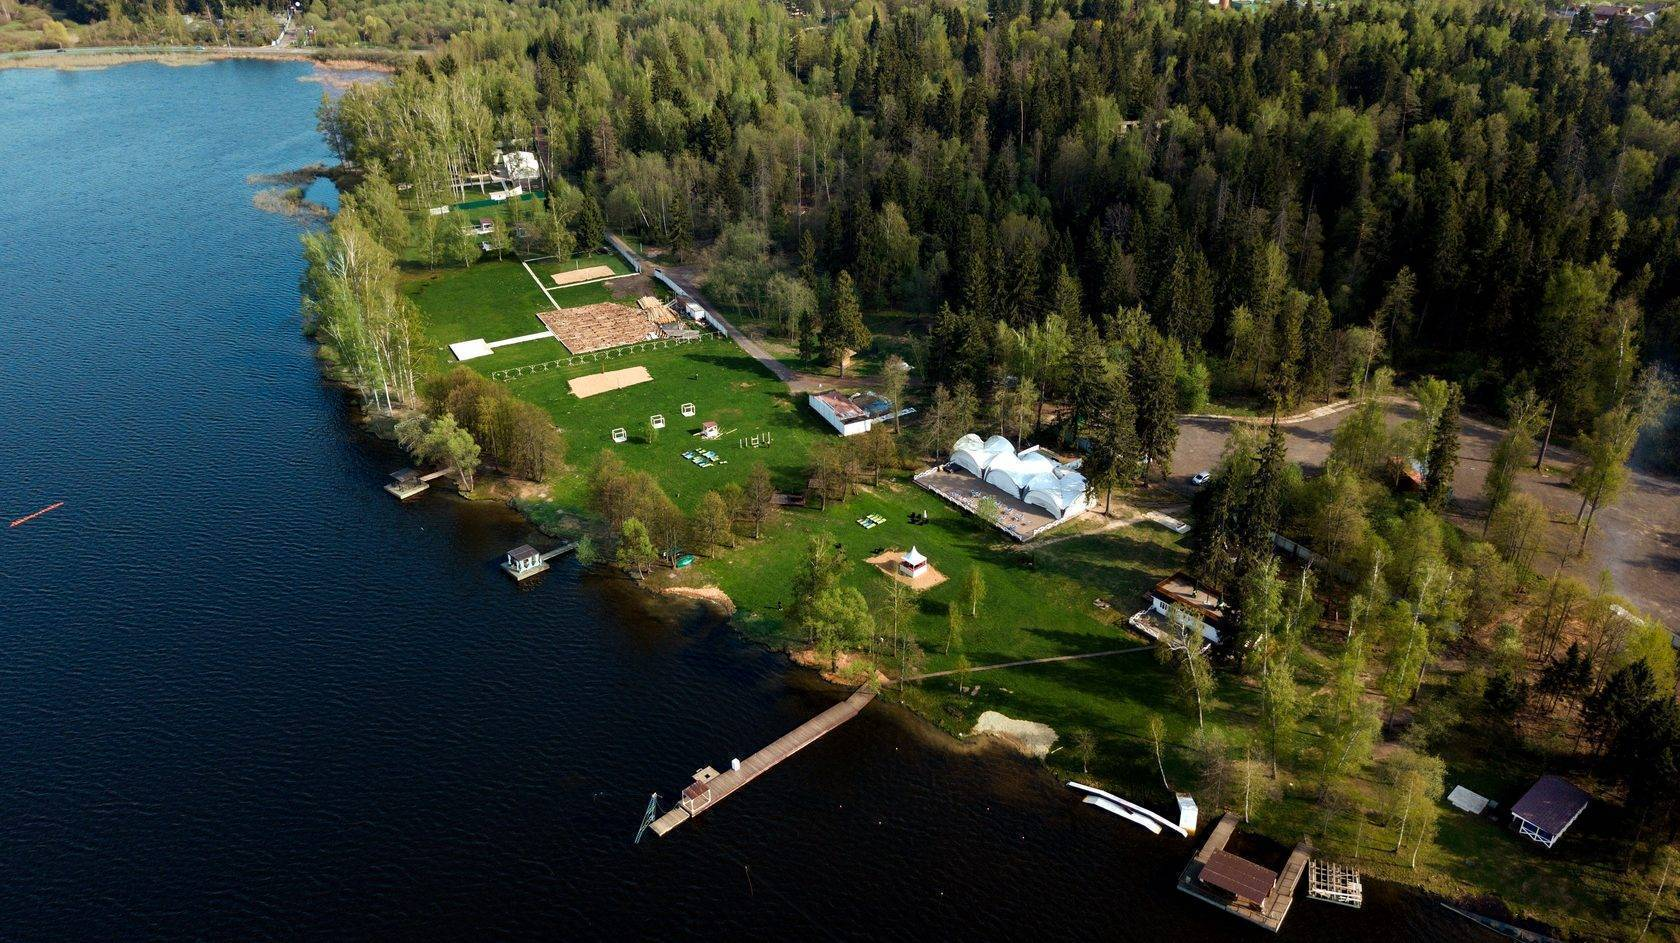 Луковое озеро, ногинский район: отдых 2020, лагерь, рыбалка, фото, как доехать, отели рядом — туристер.ру